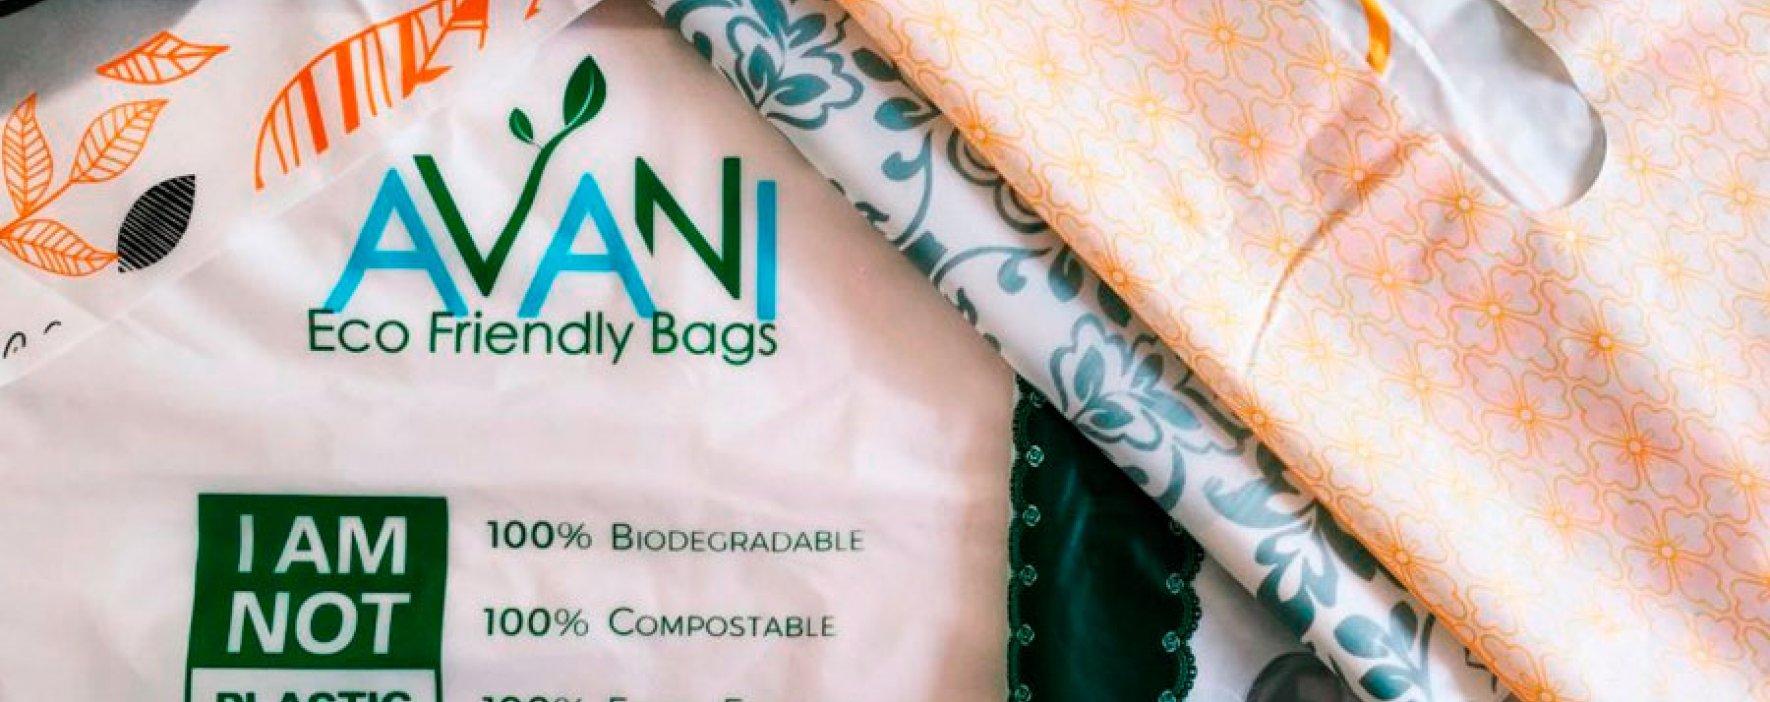 Bolsas biodegradables que contribuyen con el medio ambiente